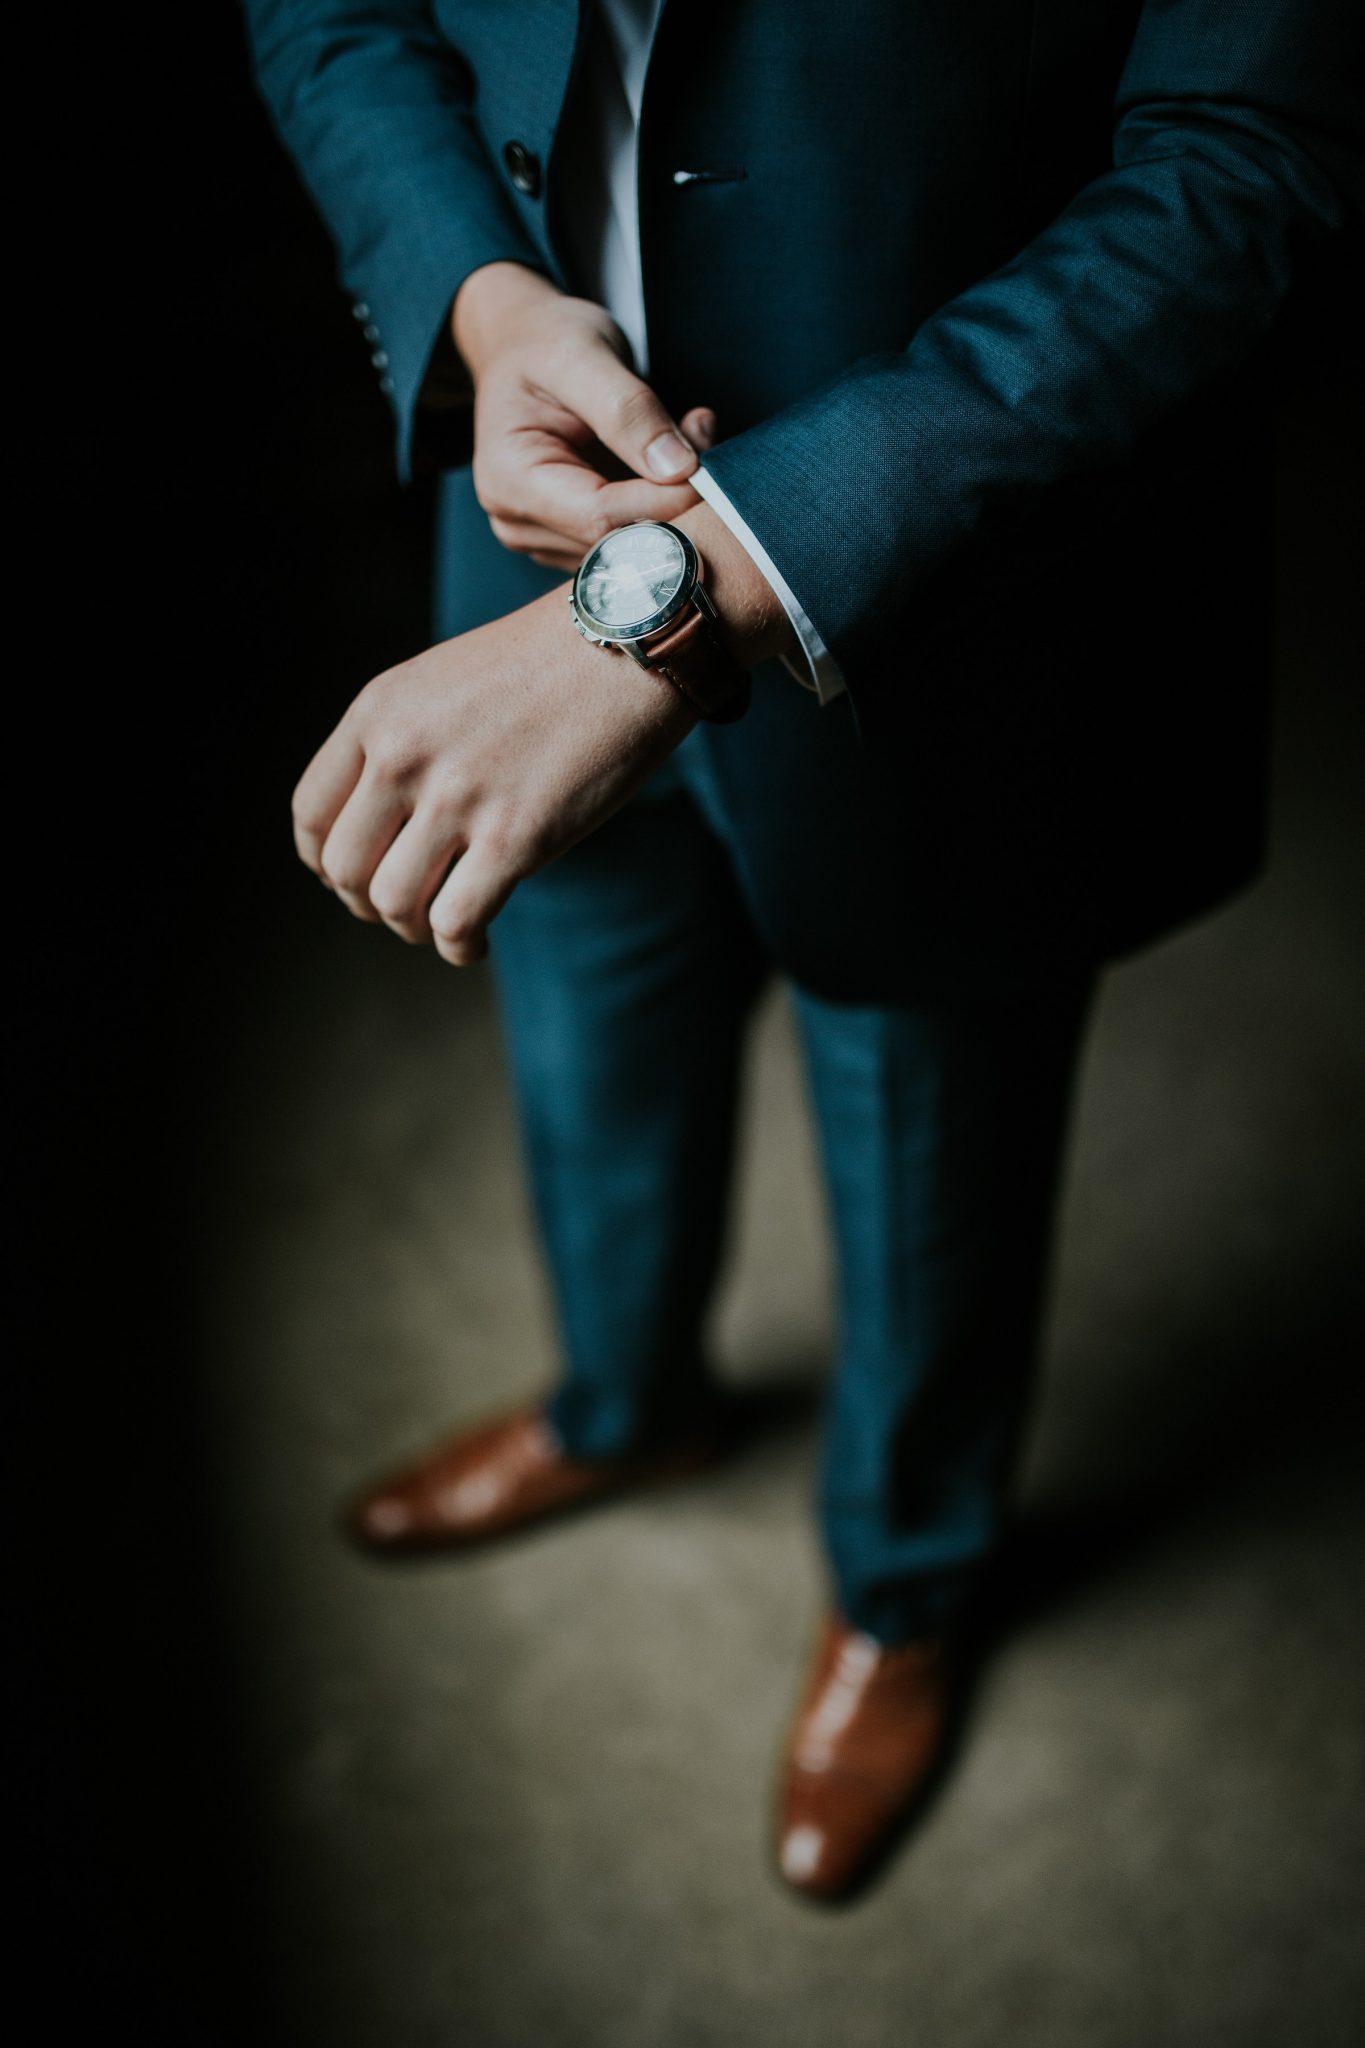 Top Men's Grooming Trends for 2018